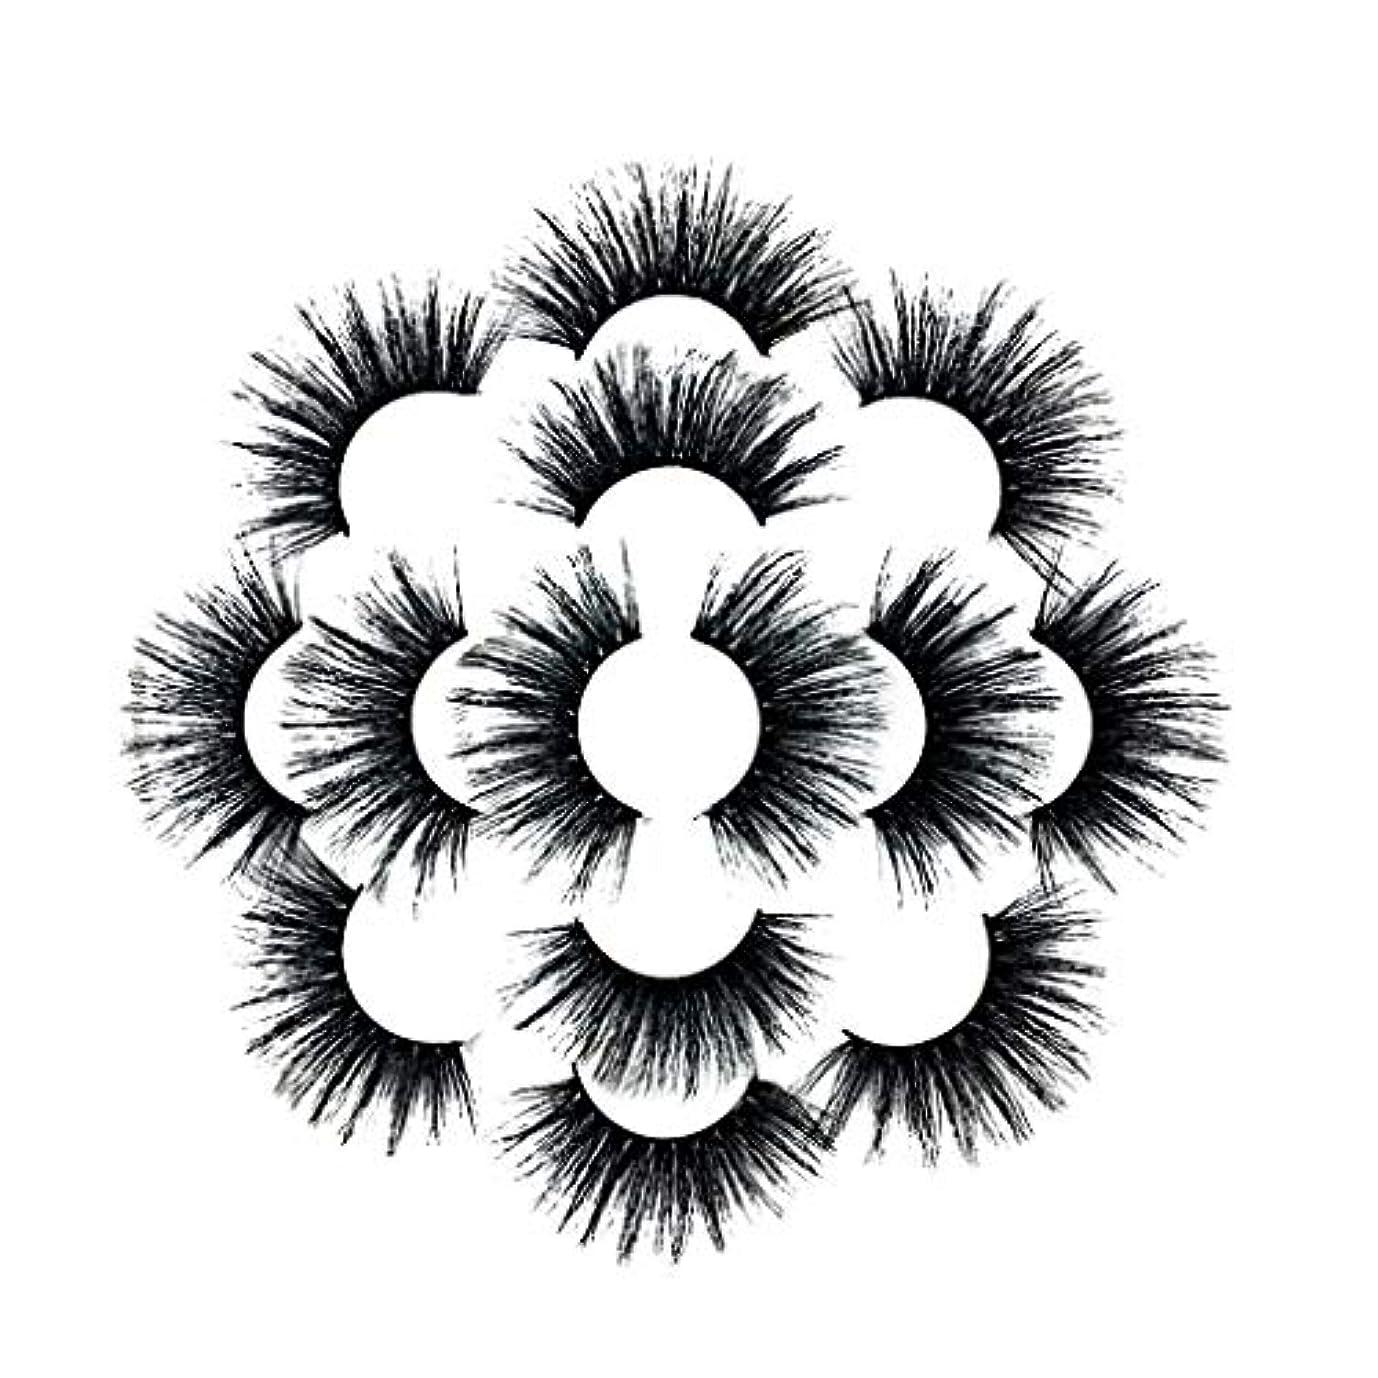 折クレーン砂7ペアラグジュアリー8D Falseまつげふわふわストリップまつげロングナチュラルパーティー